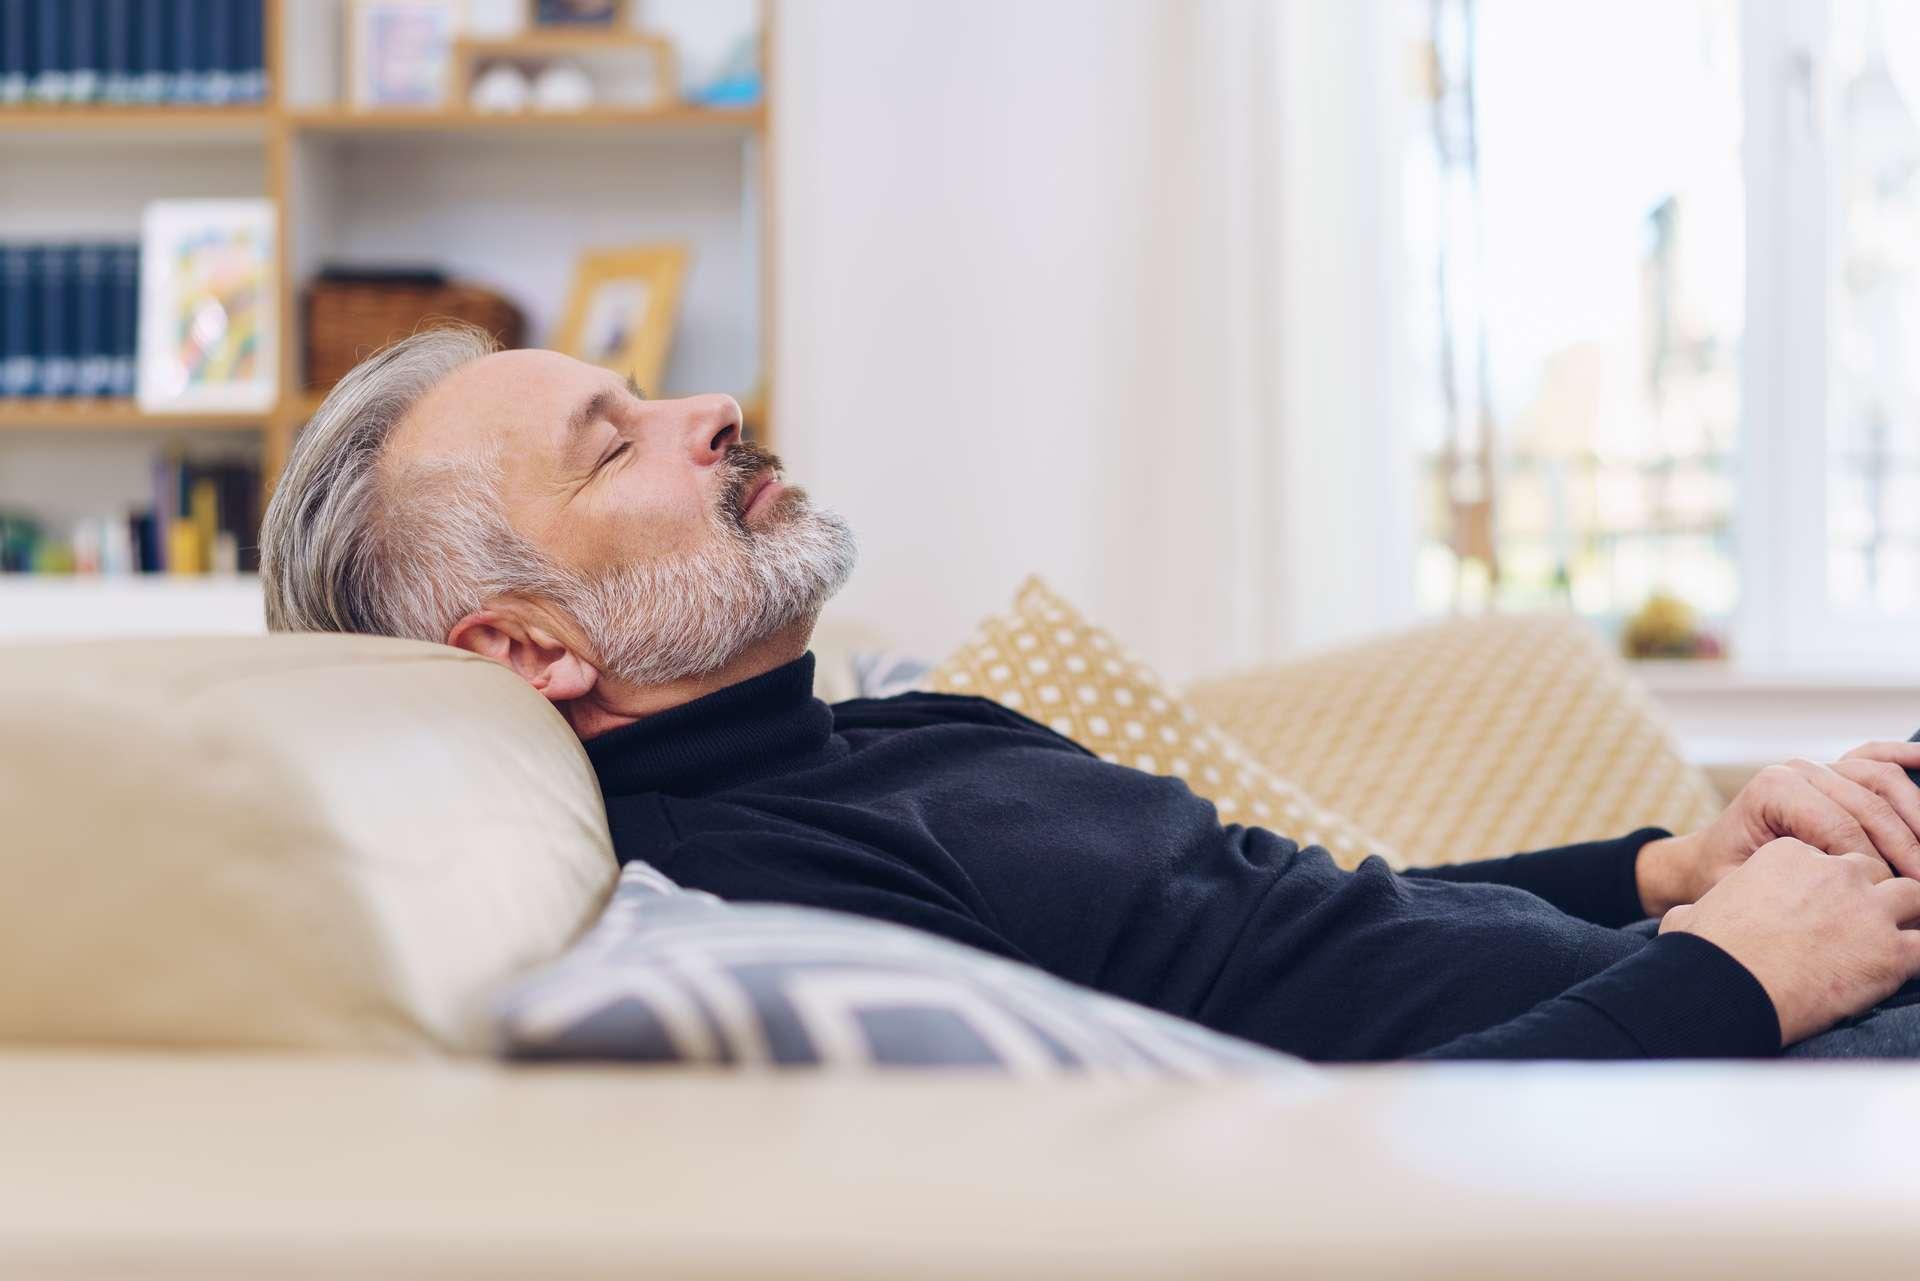 Dormir en pleine journée pourrait être mauvais pour le cerveau. © Contrastwerkstatt, Adobe Stock